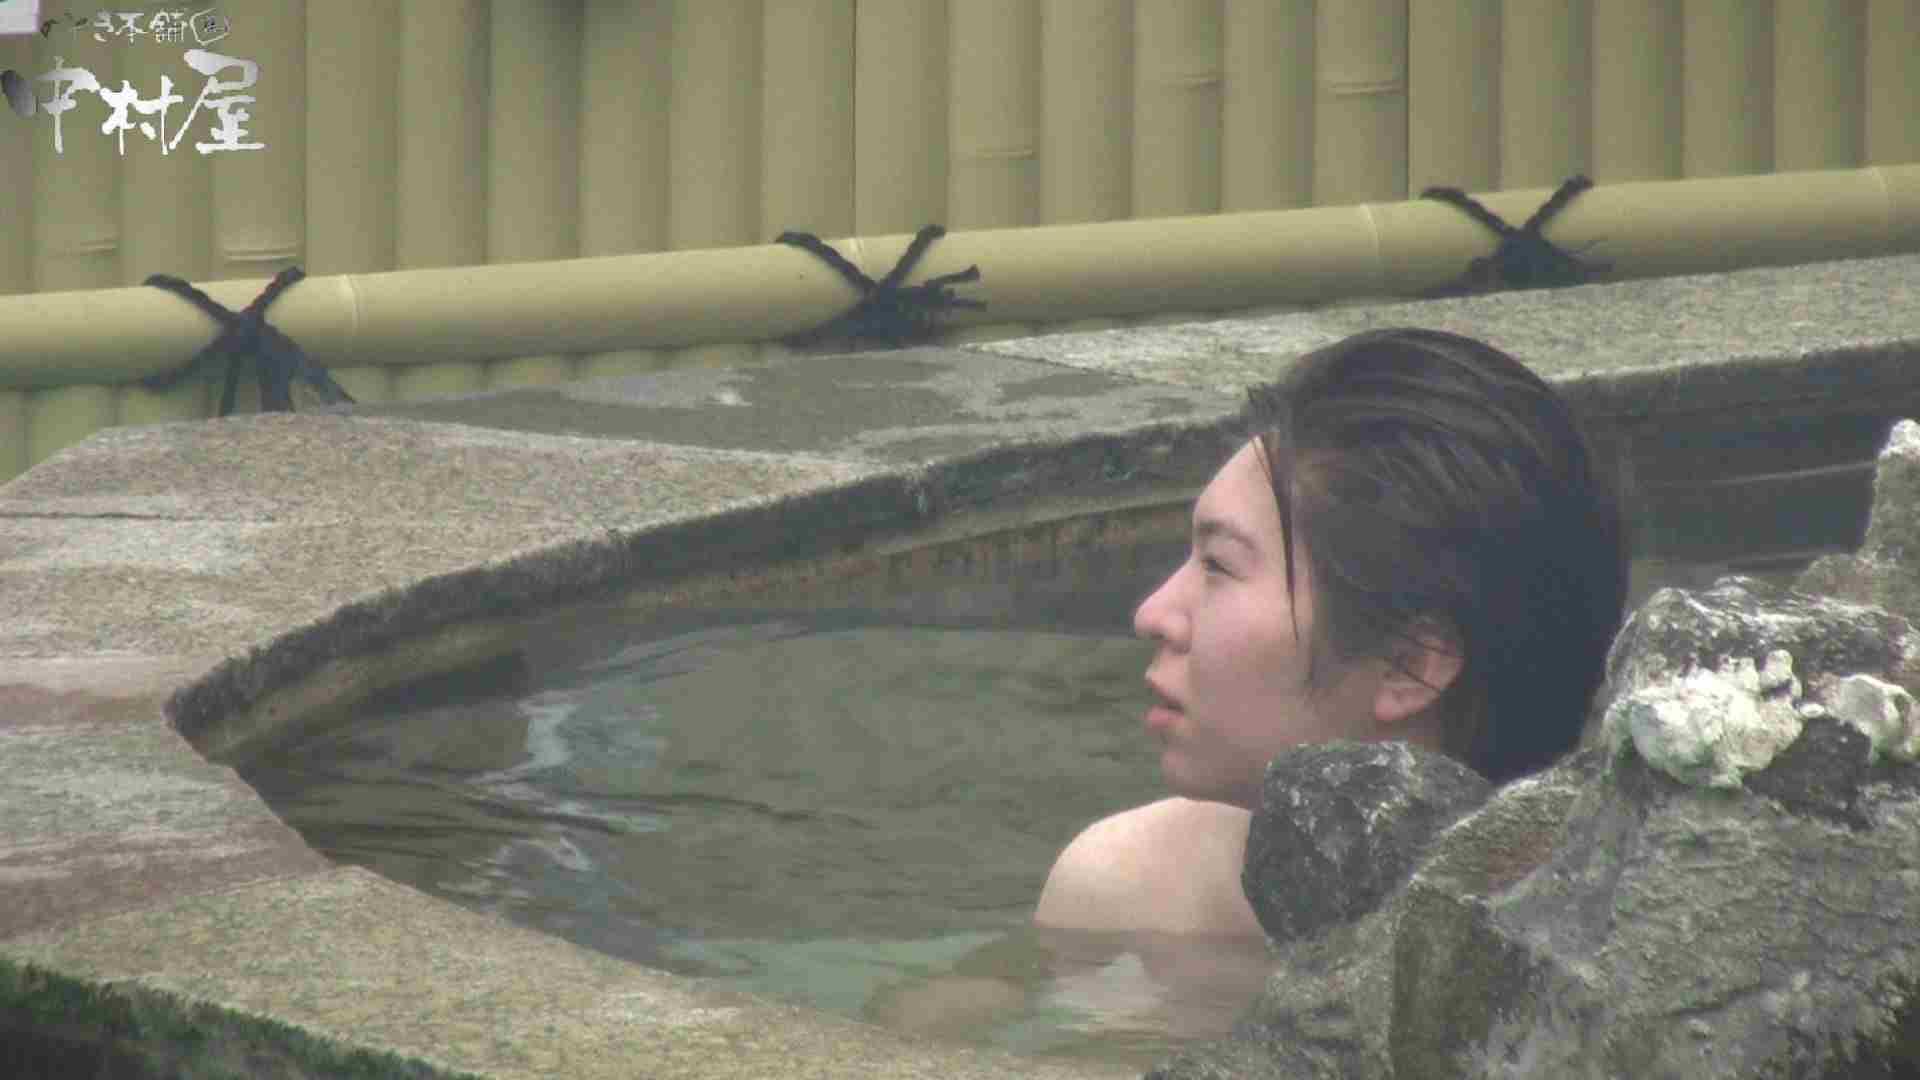 Aquaな露天風呂Vol.907 盗撮   OLのエロ生活  62連発 22